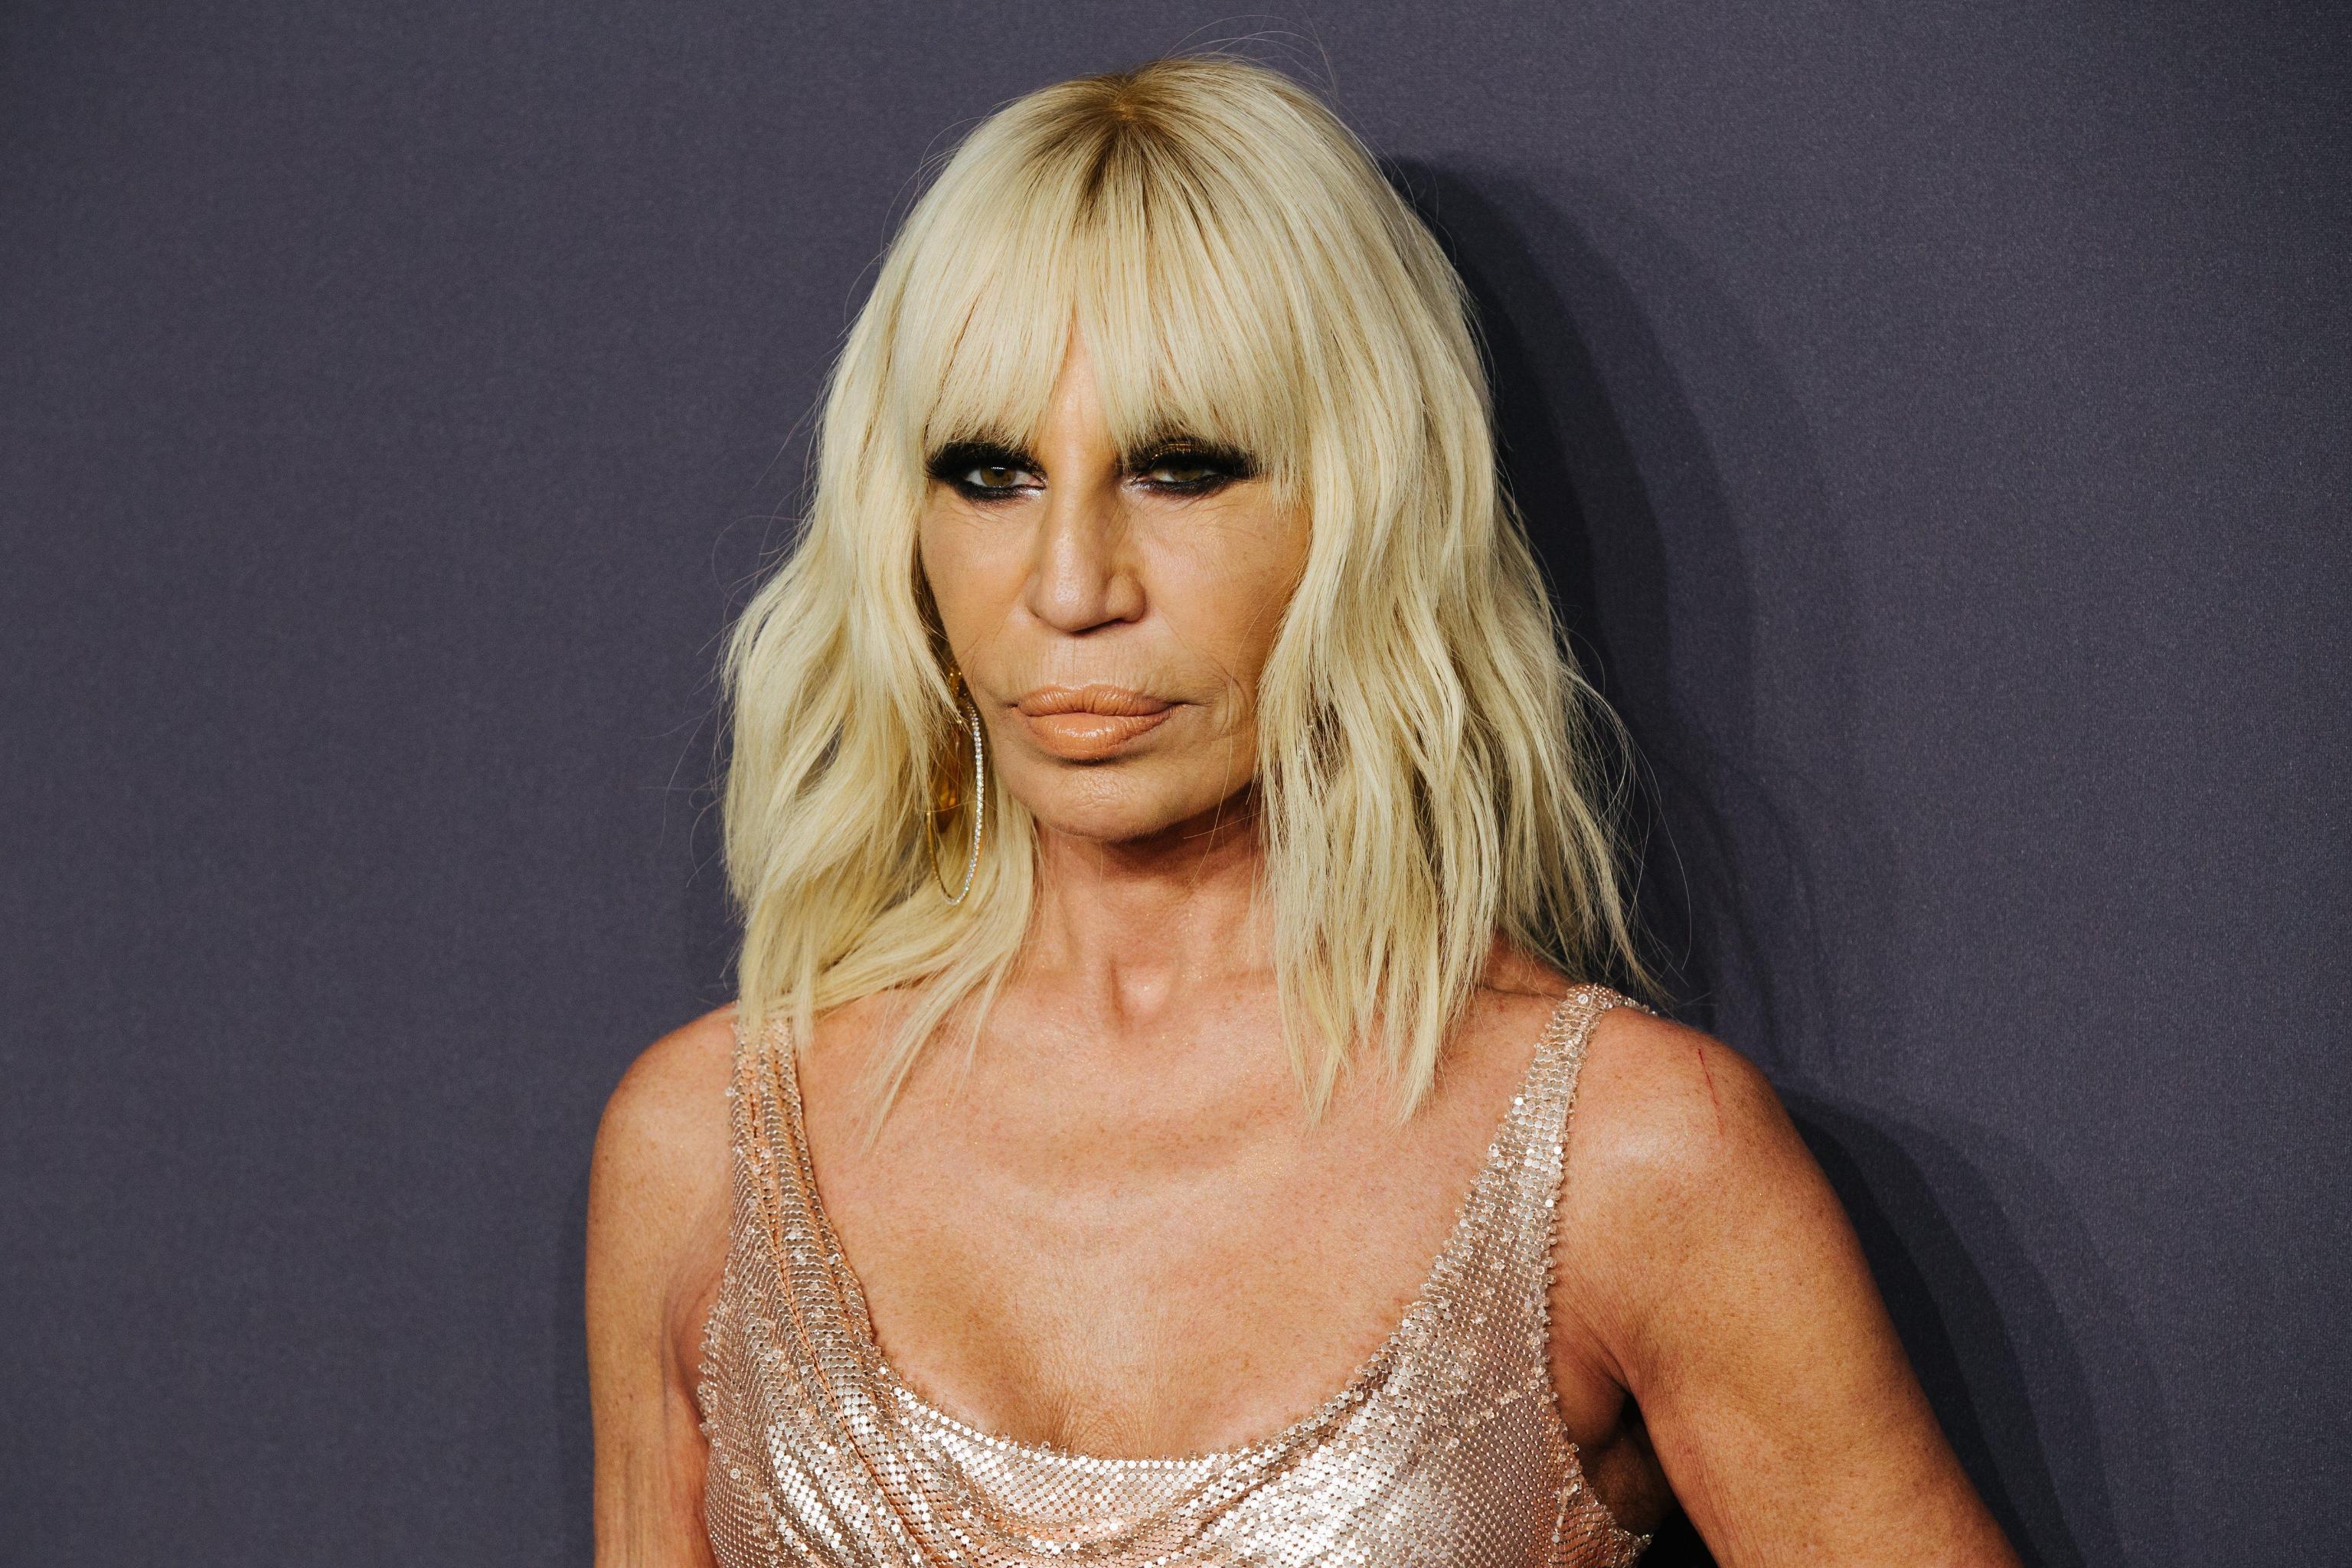 Η Donatella Versace σχεδίασε φόρεμα αποκλειστικά για γνωστή Ελληνίδα! [pics]